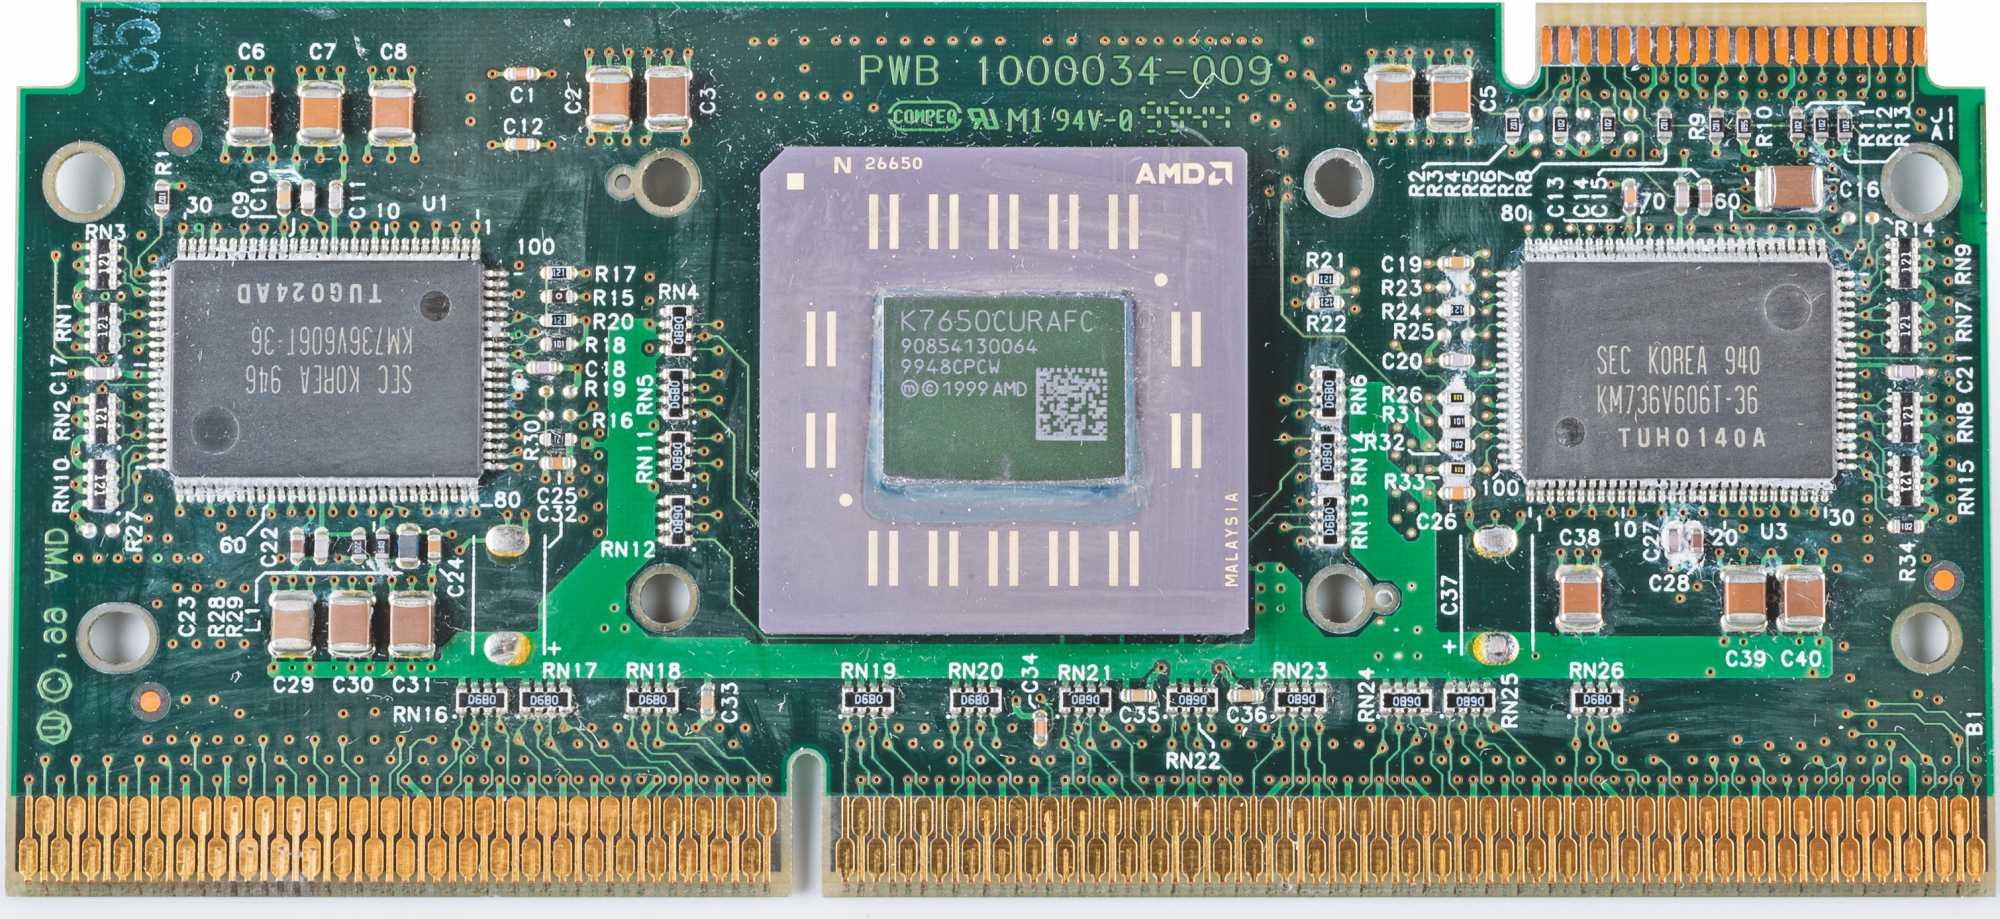 Links und rechts von der CPU sitzen die beiden Chips für den Level-2-Cache. Erst bei den späteren Sockel-A-Varianten des Athlon ist der L2-Cache mit in den Prozessorchip gewandert.